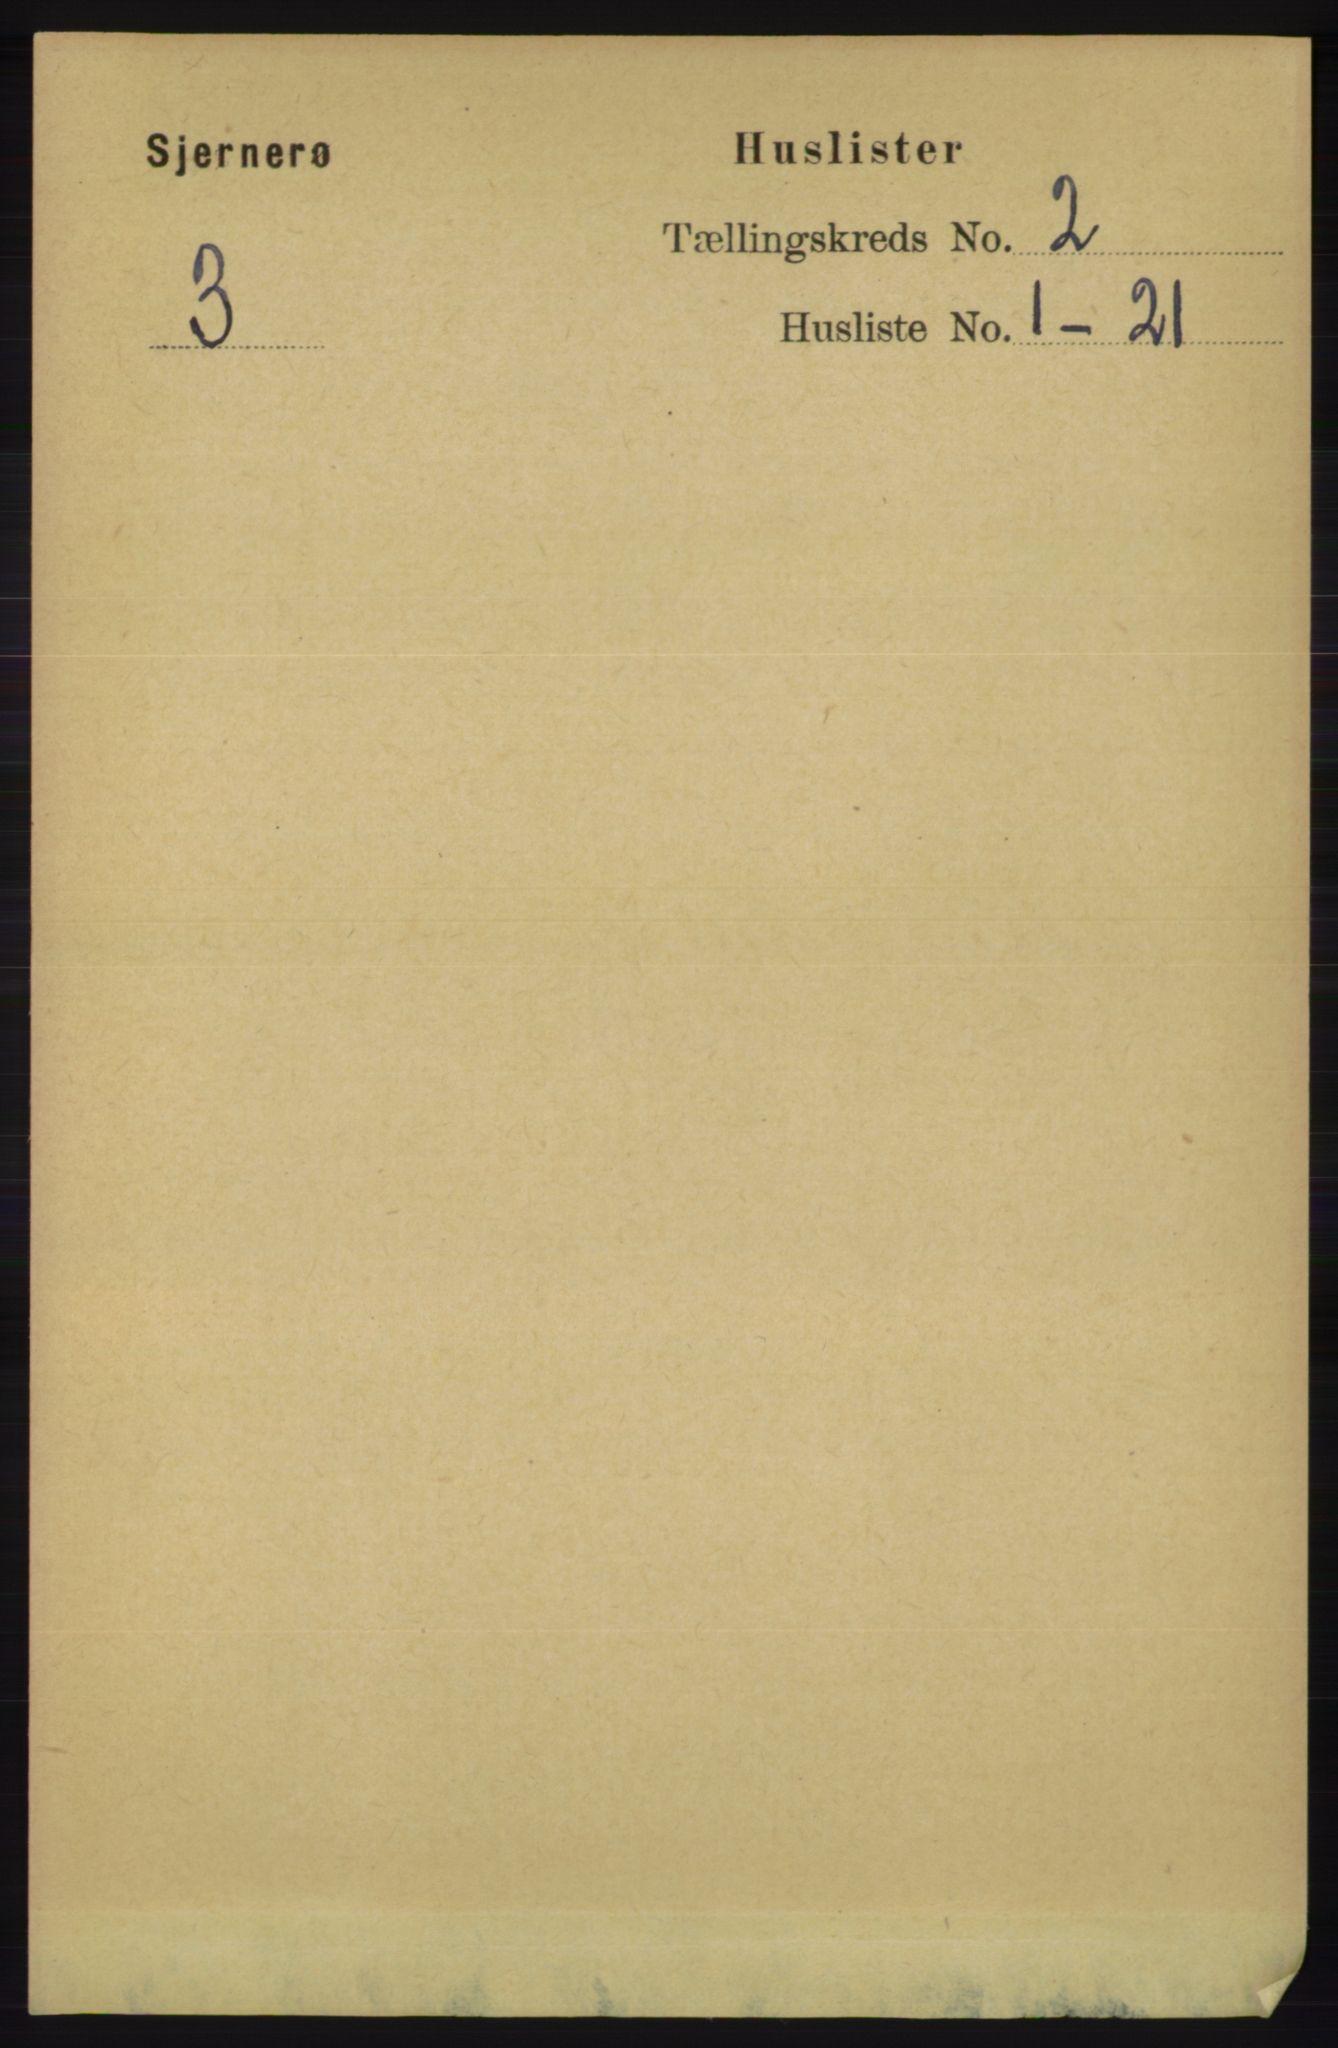 RA, Folketelling 1891 for 1140 Sjernarøy herred, 1891, s. 220